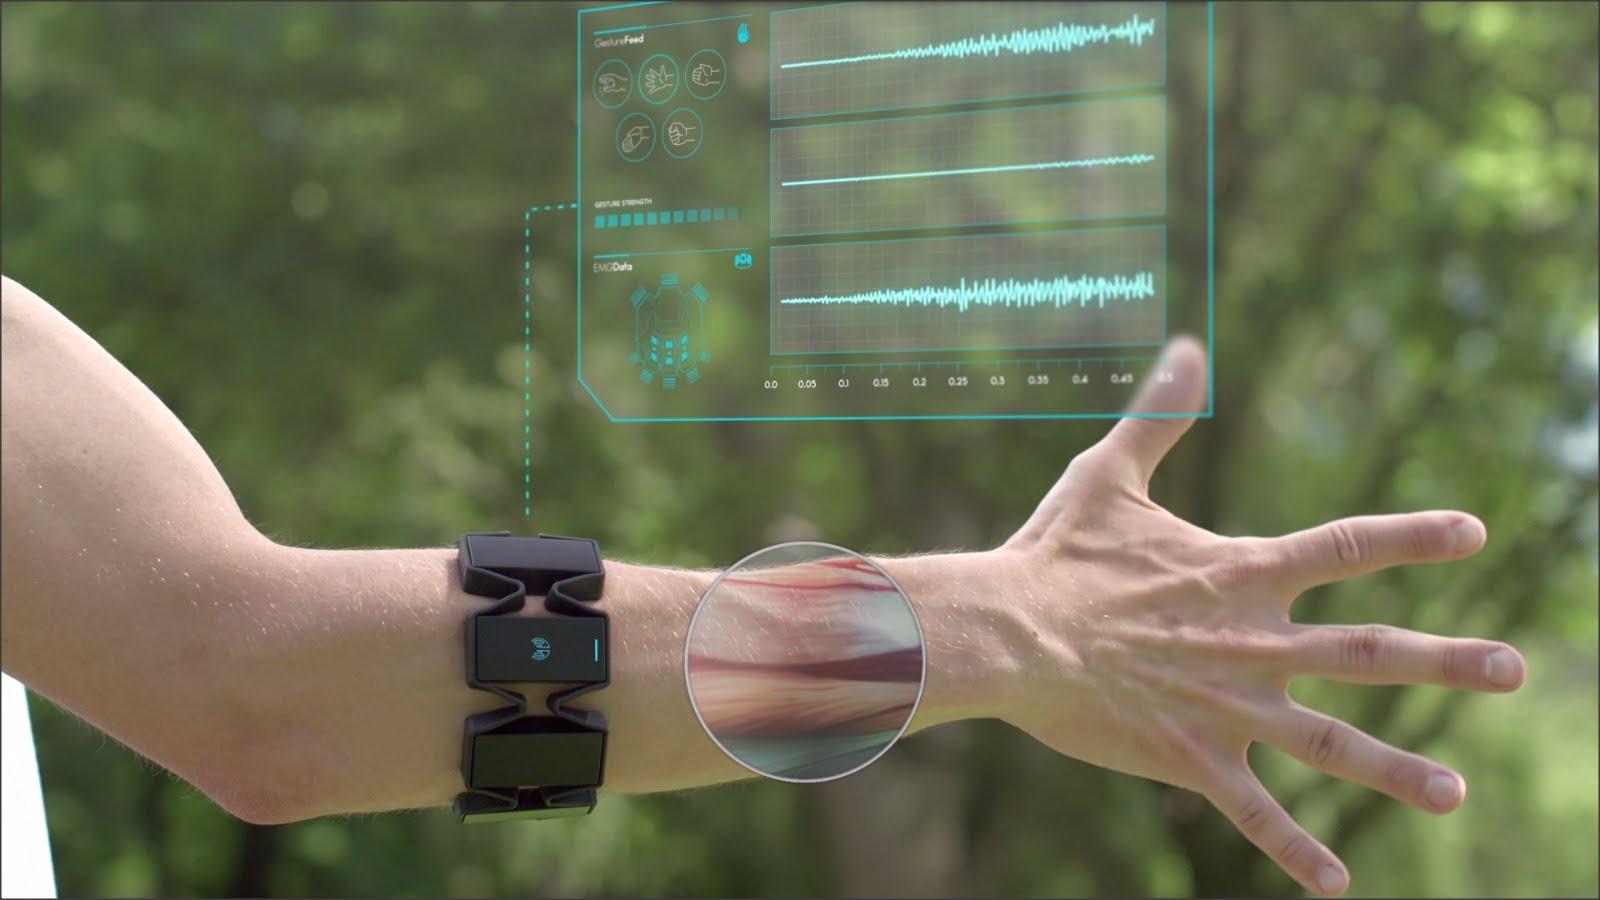 MYO Gesture controller